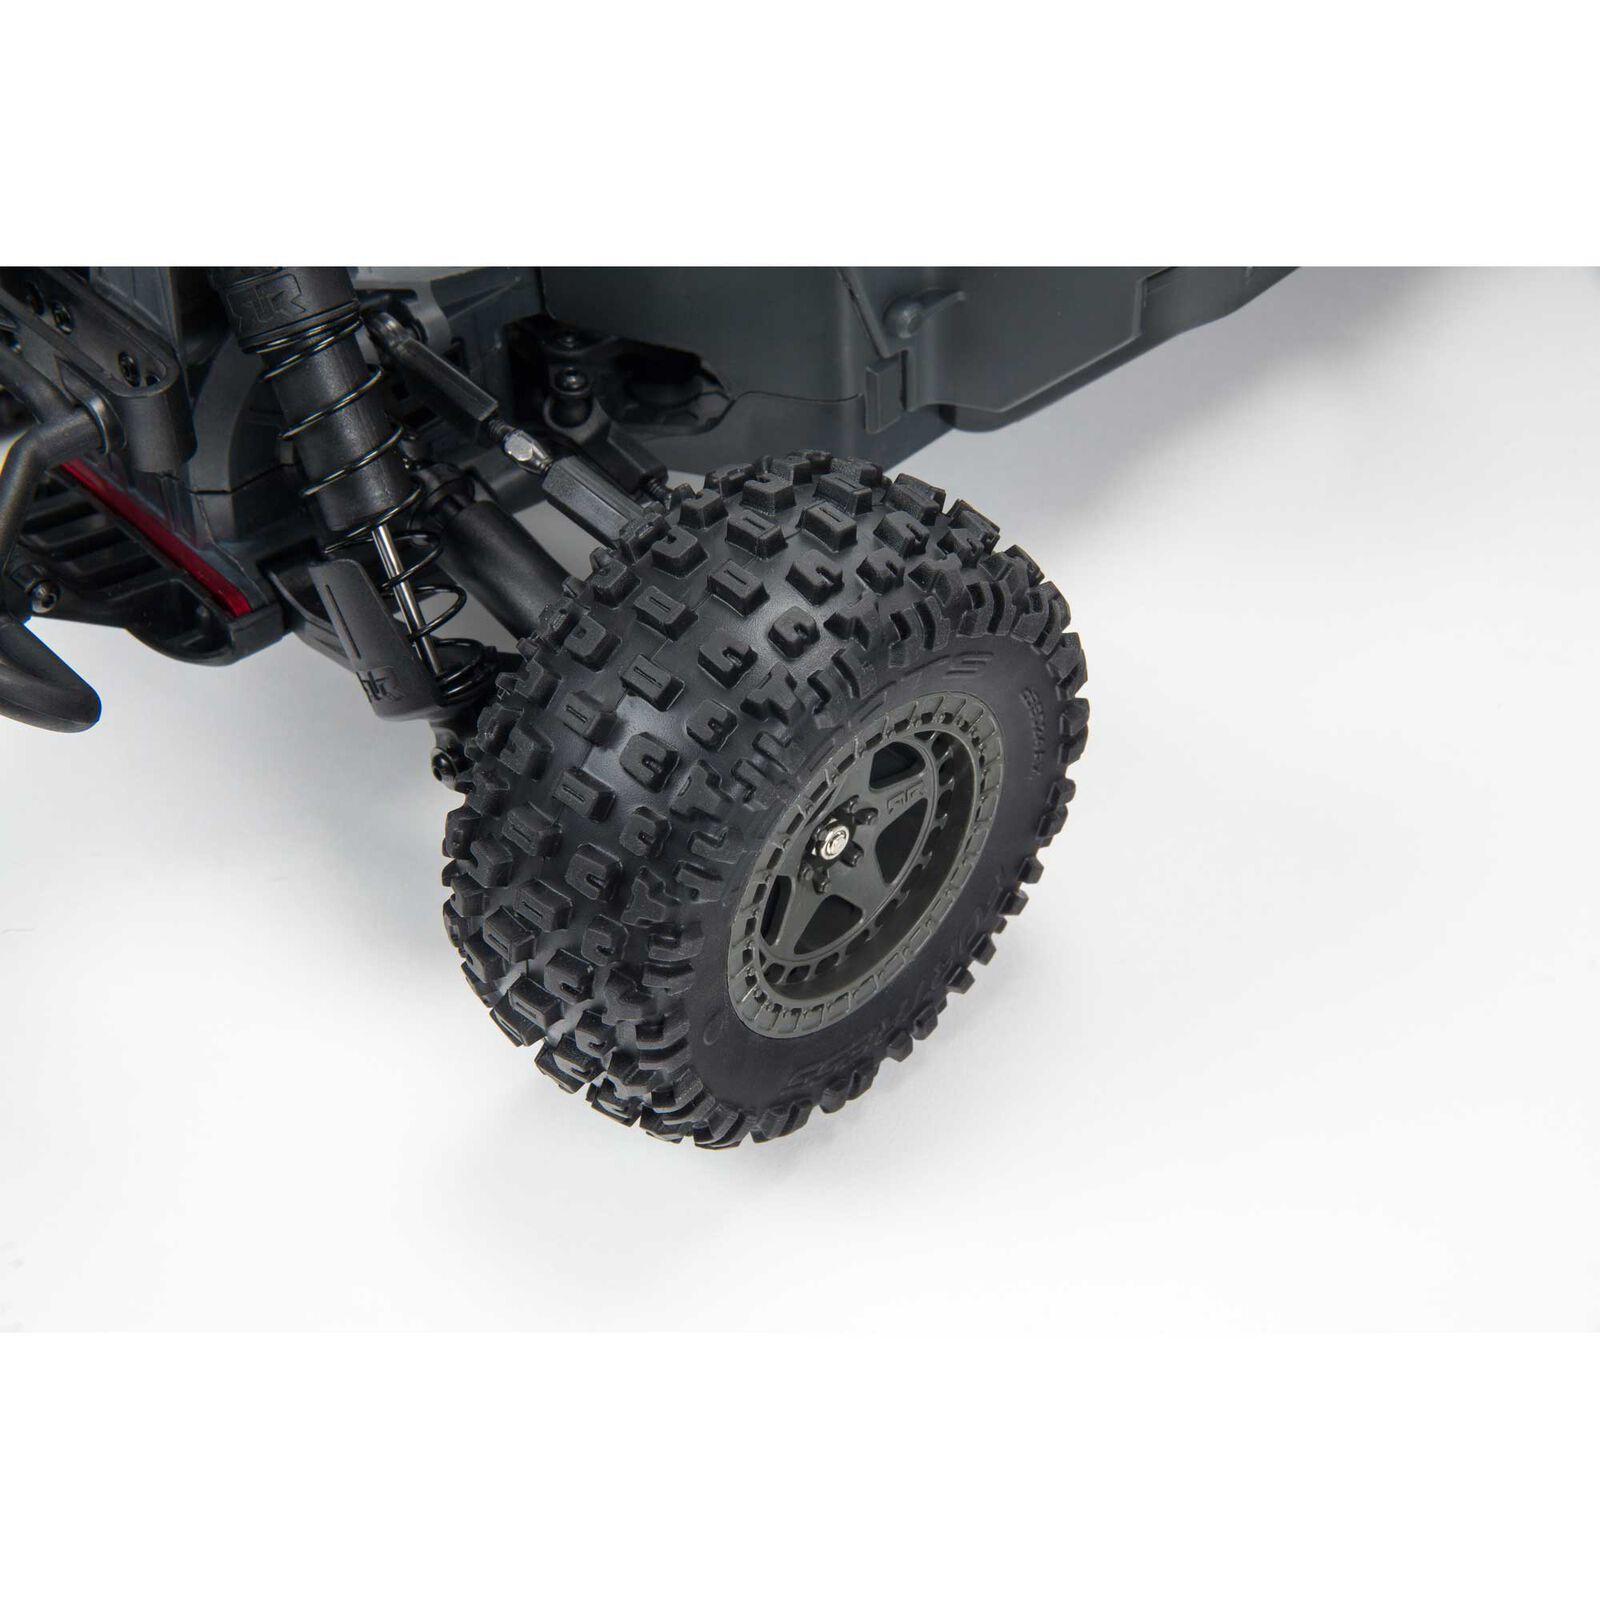 1/10 SENTON 4X4 V3 3S BLX Brushless Short Course Truck RTR, Red